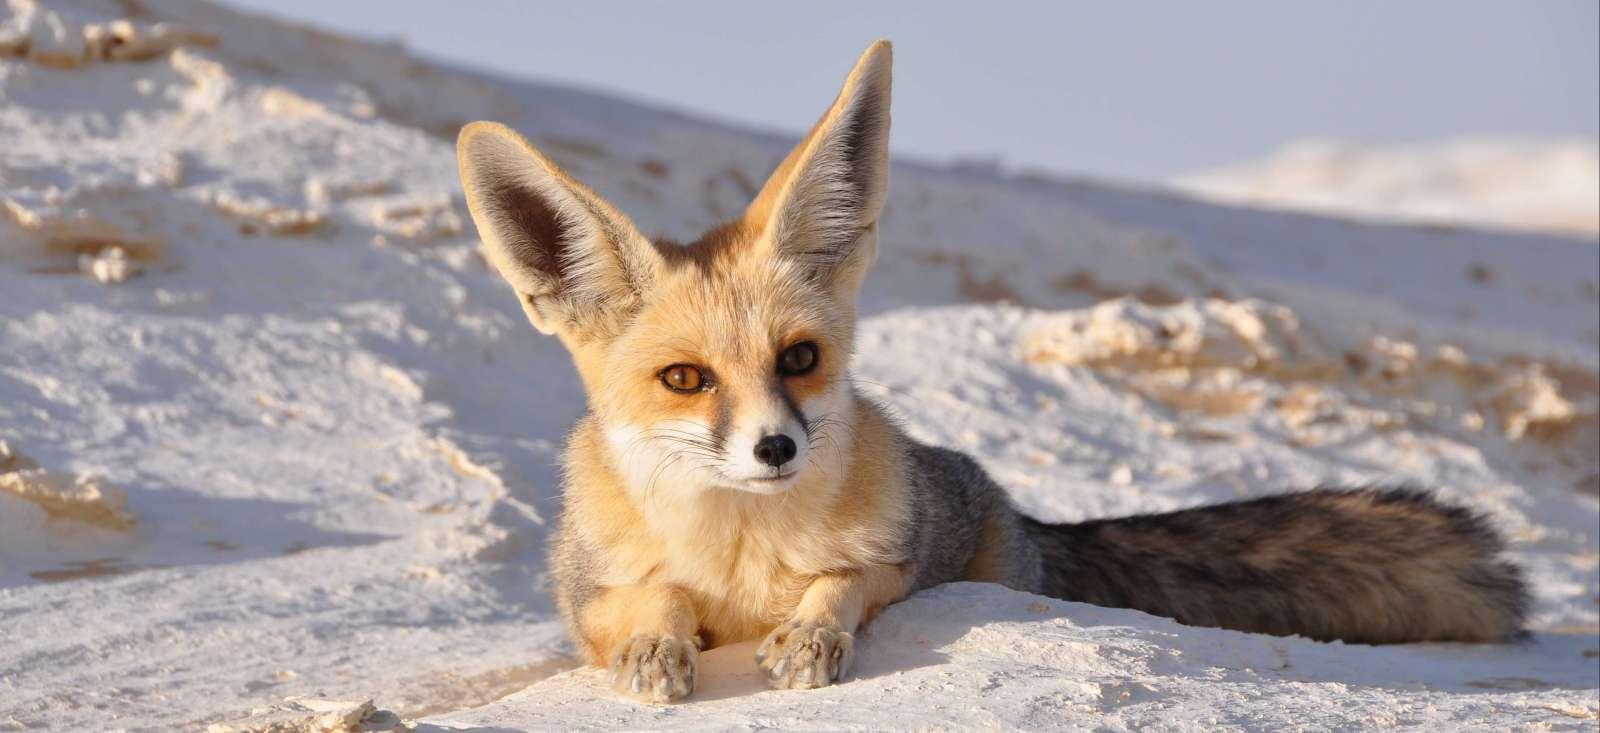 Voyage à pied : Dessine-moi un renard !